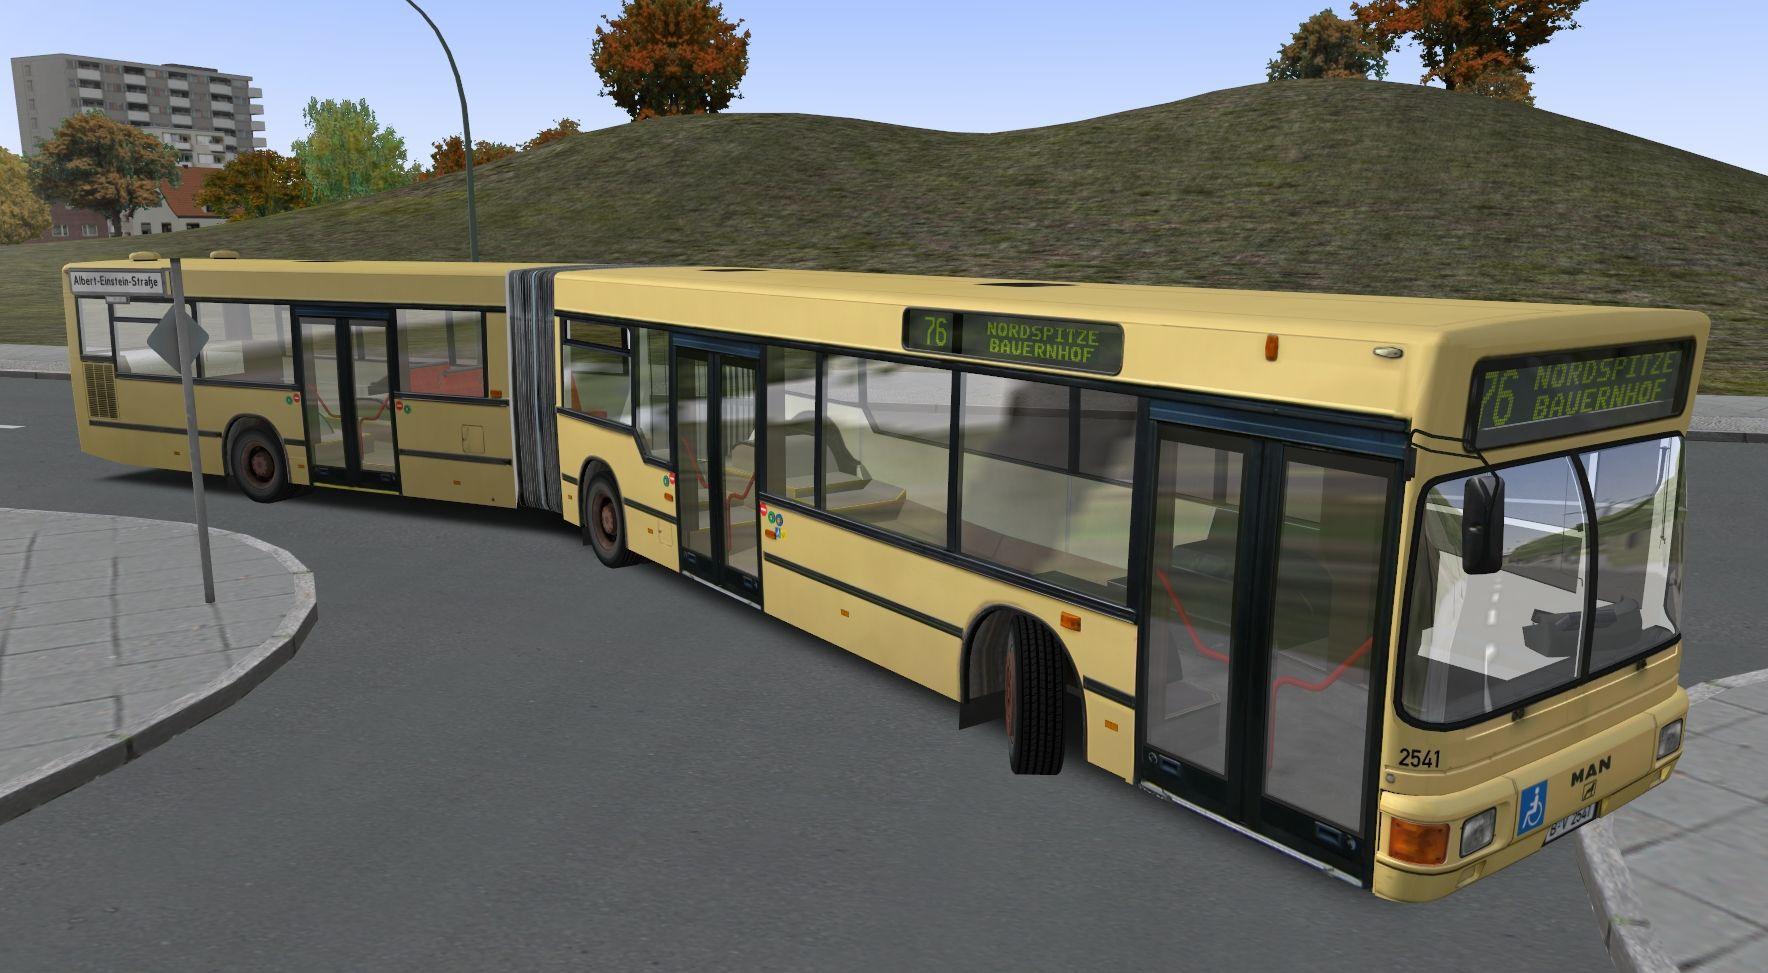 《巴士模拟2》作为模拟程度最高的模拟驾驶游戏,制作方可谓是用心良苦,除了精彩的物理结果迷你,在音效方面也设计的非常逼真,巴士上的操控按钮非常详细。小编个人觉得最有趣的是在于对真实环境的模拟,这里包括AI巴士胡和你抢客,巴士上有自己的售票和找零系统。 每当你到达指定的站台时,乘客们会过来搭车,并且每一位乘客都会很有礼貌的和你打招呼,当然如果你驾驶的不好的话,他们还会向你抱怨,所以你是否能够成为一名好的巴士司机,还需要在《巴士模拟2》游戏中进行更多的考验。